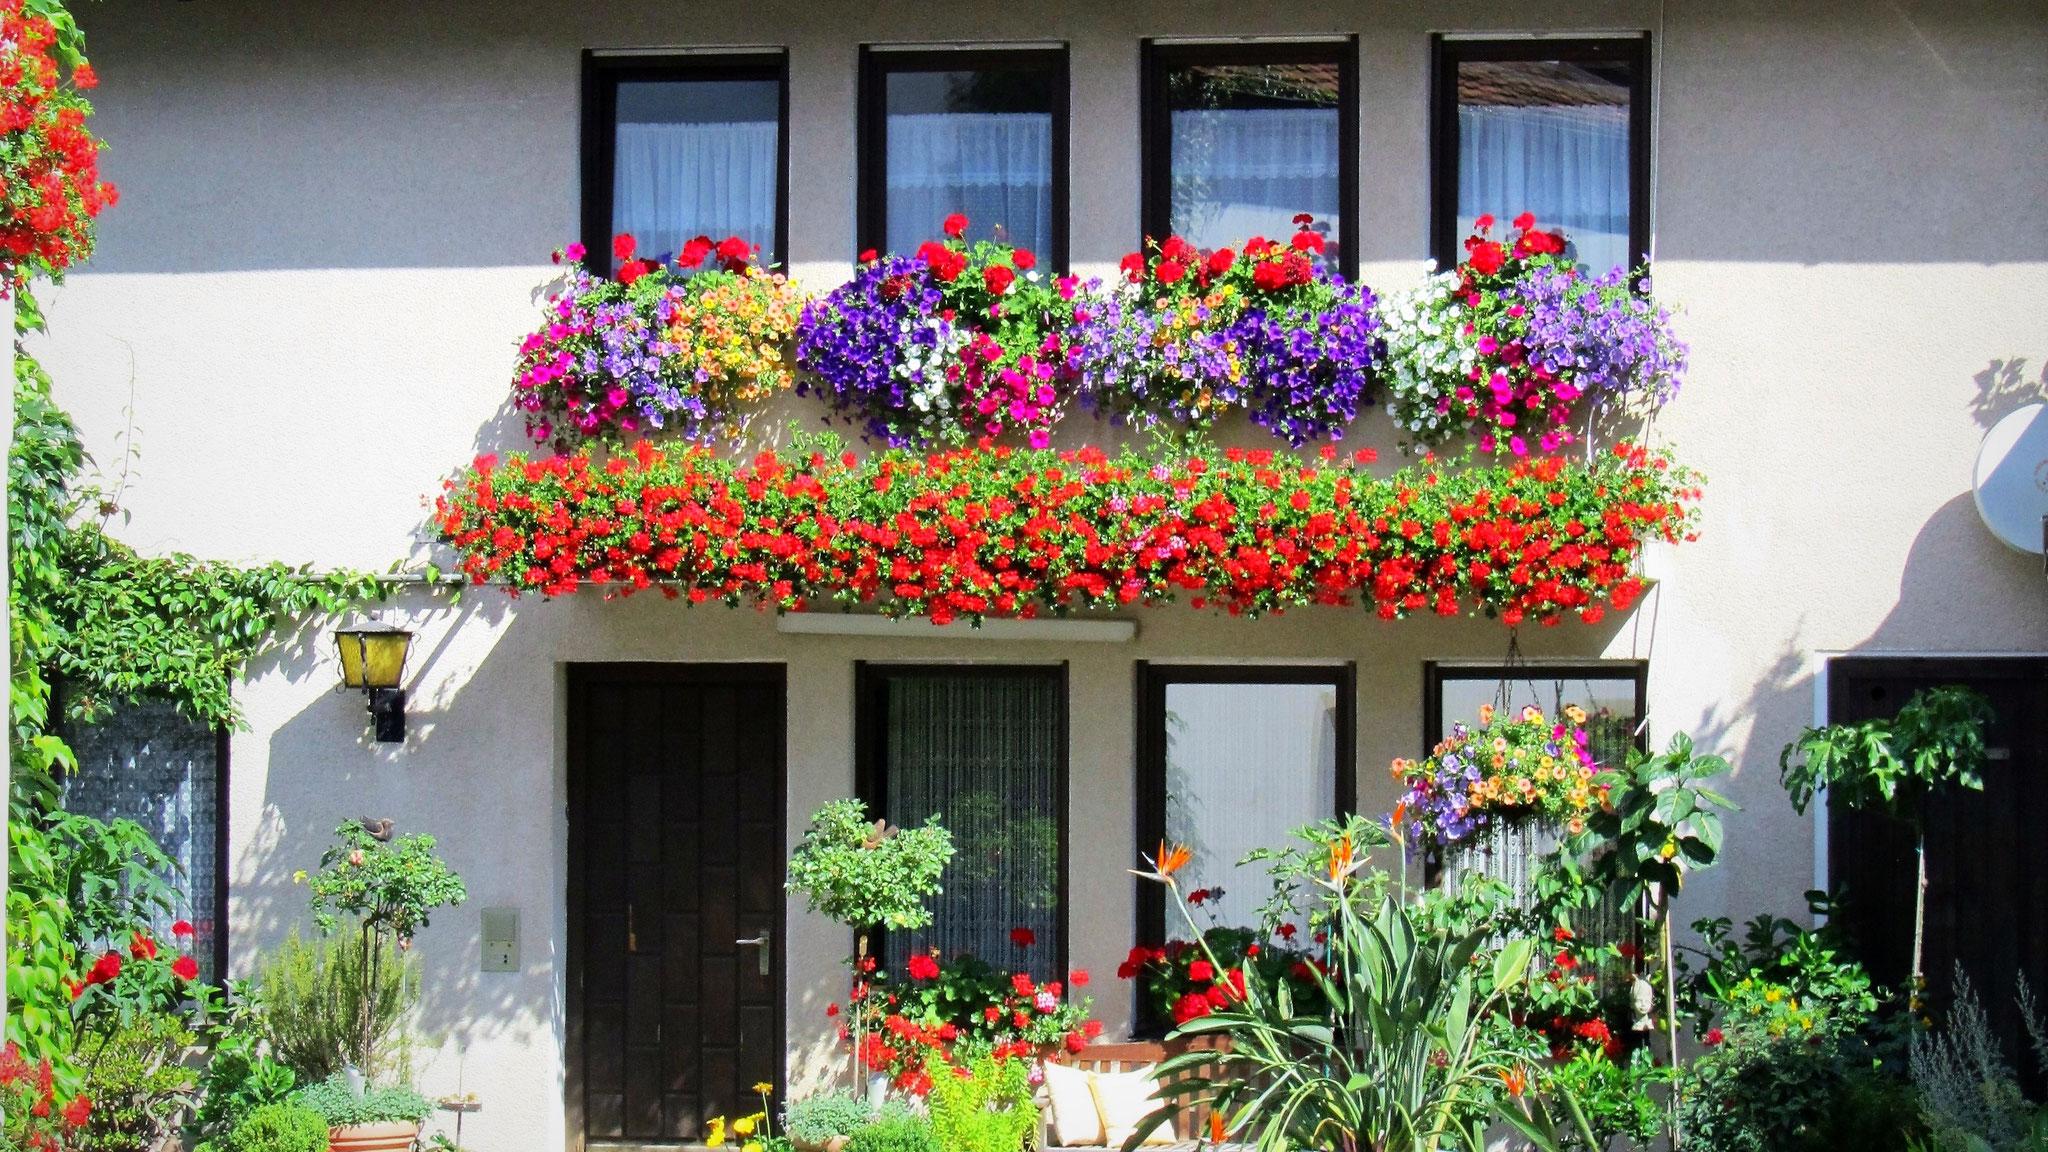 Gästehaus vom Landgasthof Bieger in der Fränkischen Schweiz, 2 km von Ebermannstadt.